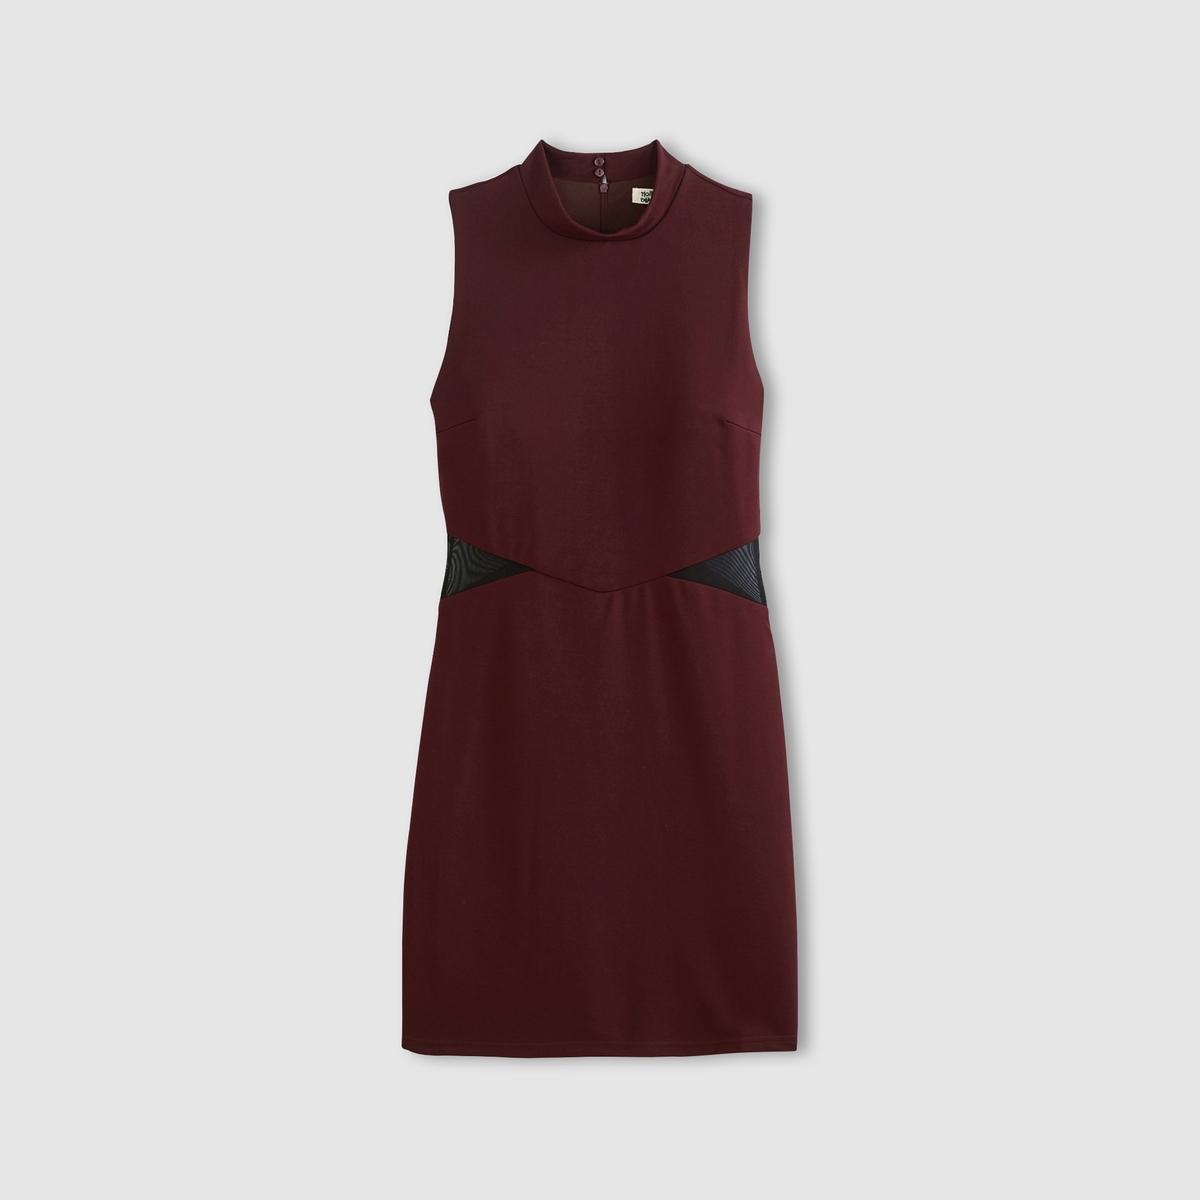 Платье облегающее без рукавовСостав и описаниеМатериал: 95% полиэстера, 5% эластана.Подкладка: 100% полиэстер.Марка: MOLLY BRACKEN.УходСтирать при 30°C с вещами подобныхцветов.  Стирать и гладить с изнанки.<br><br>Цвет: зеленый,красный темный<br>Размер: S.L.S.M.M